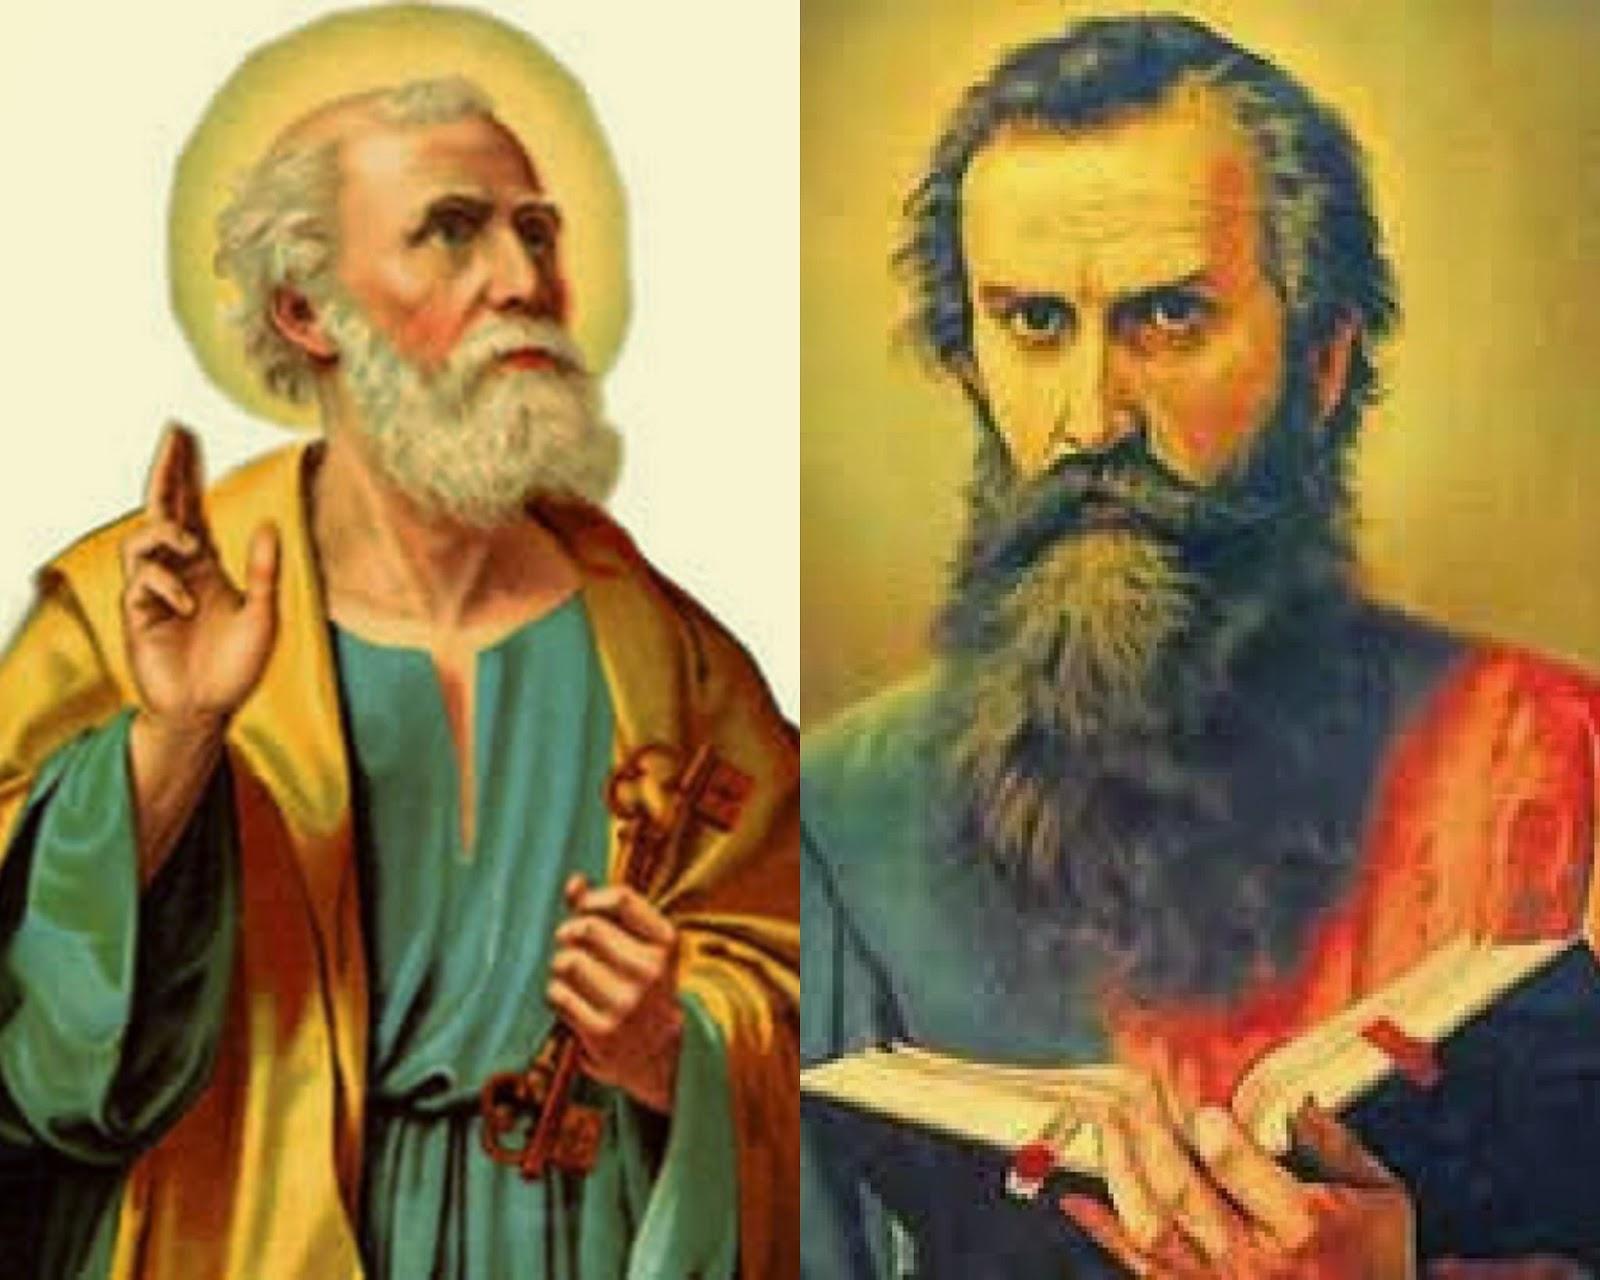 Resultado de imagem para Pedro e paulo evangelistas